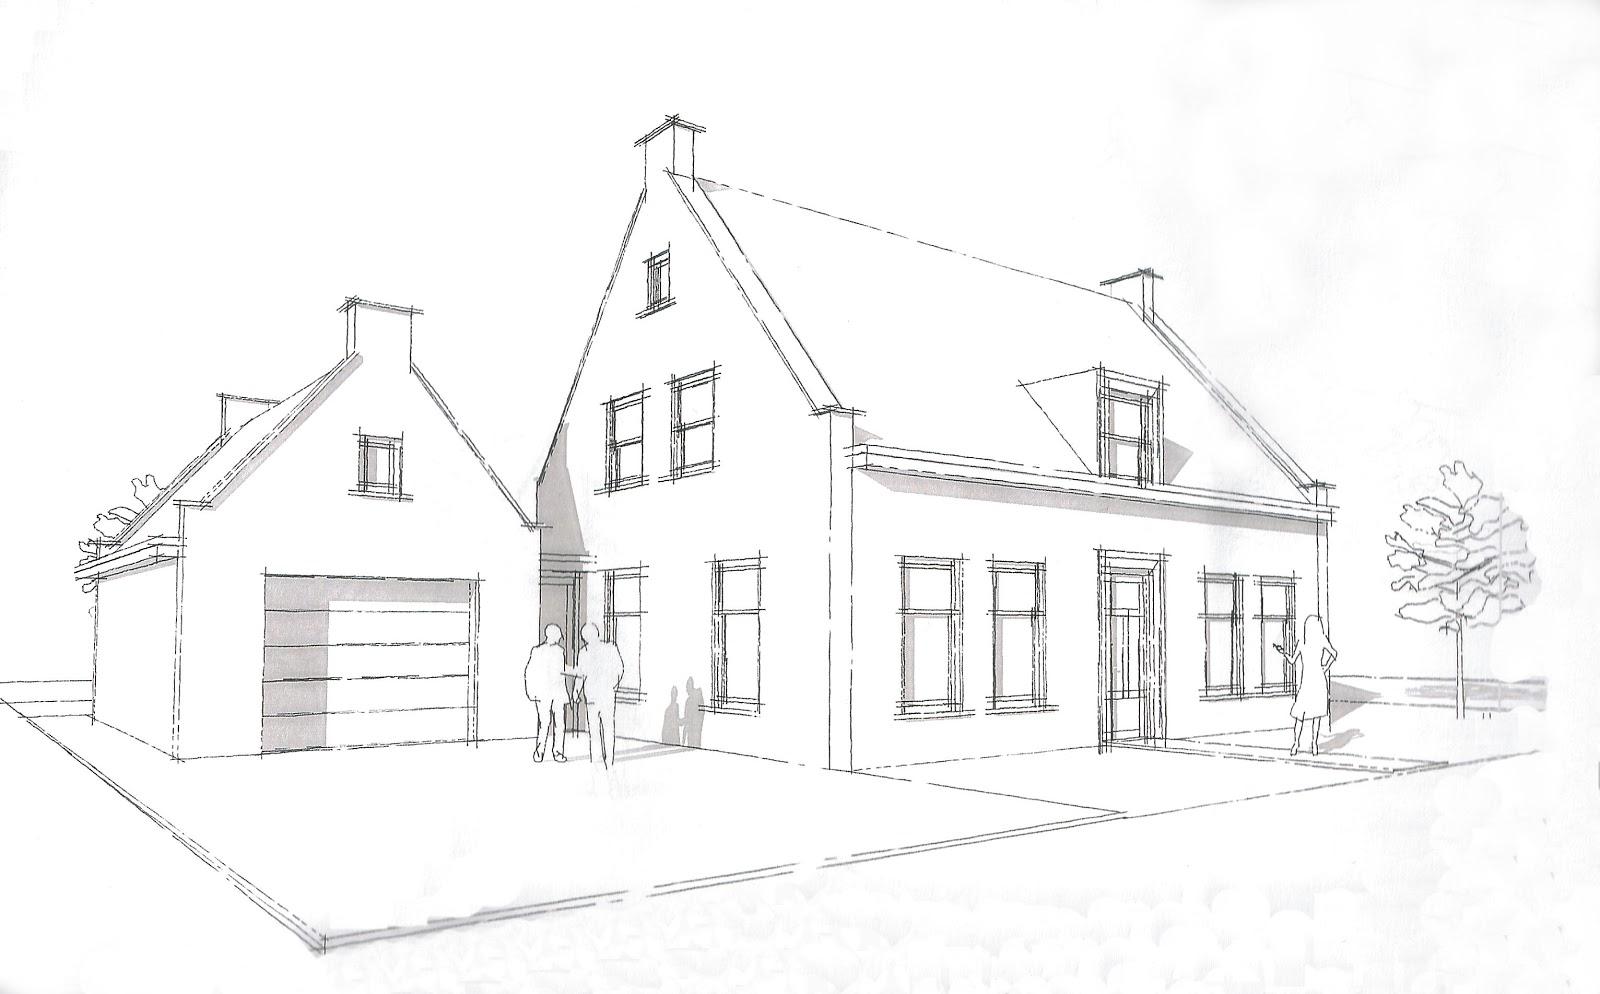 #63656823664632 Het Bouwen Van Ons Nieuwe Huis: Straat Veranderd   Ontwerp Huis Aanbevolen 3d Tekening Huis 739 afbeelding/foto 1600994739 beeld